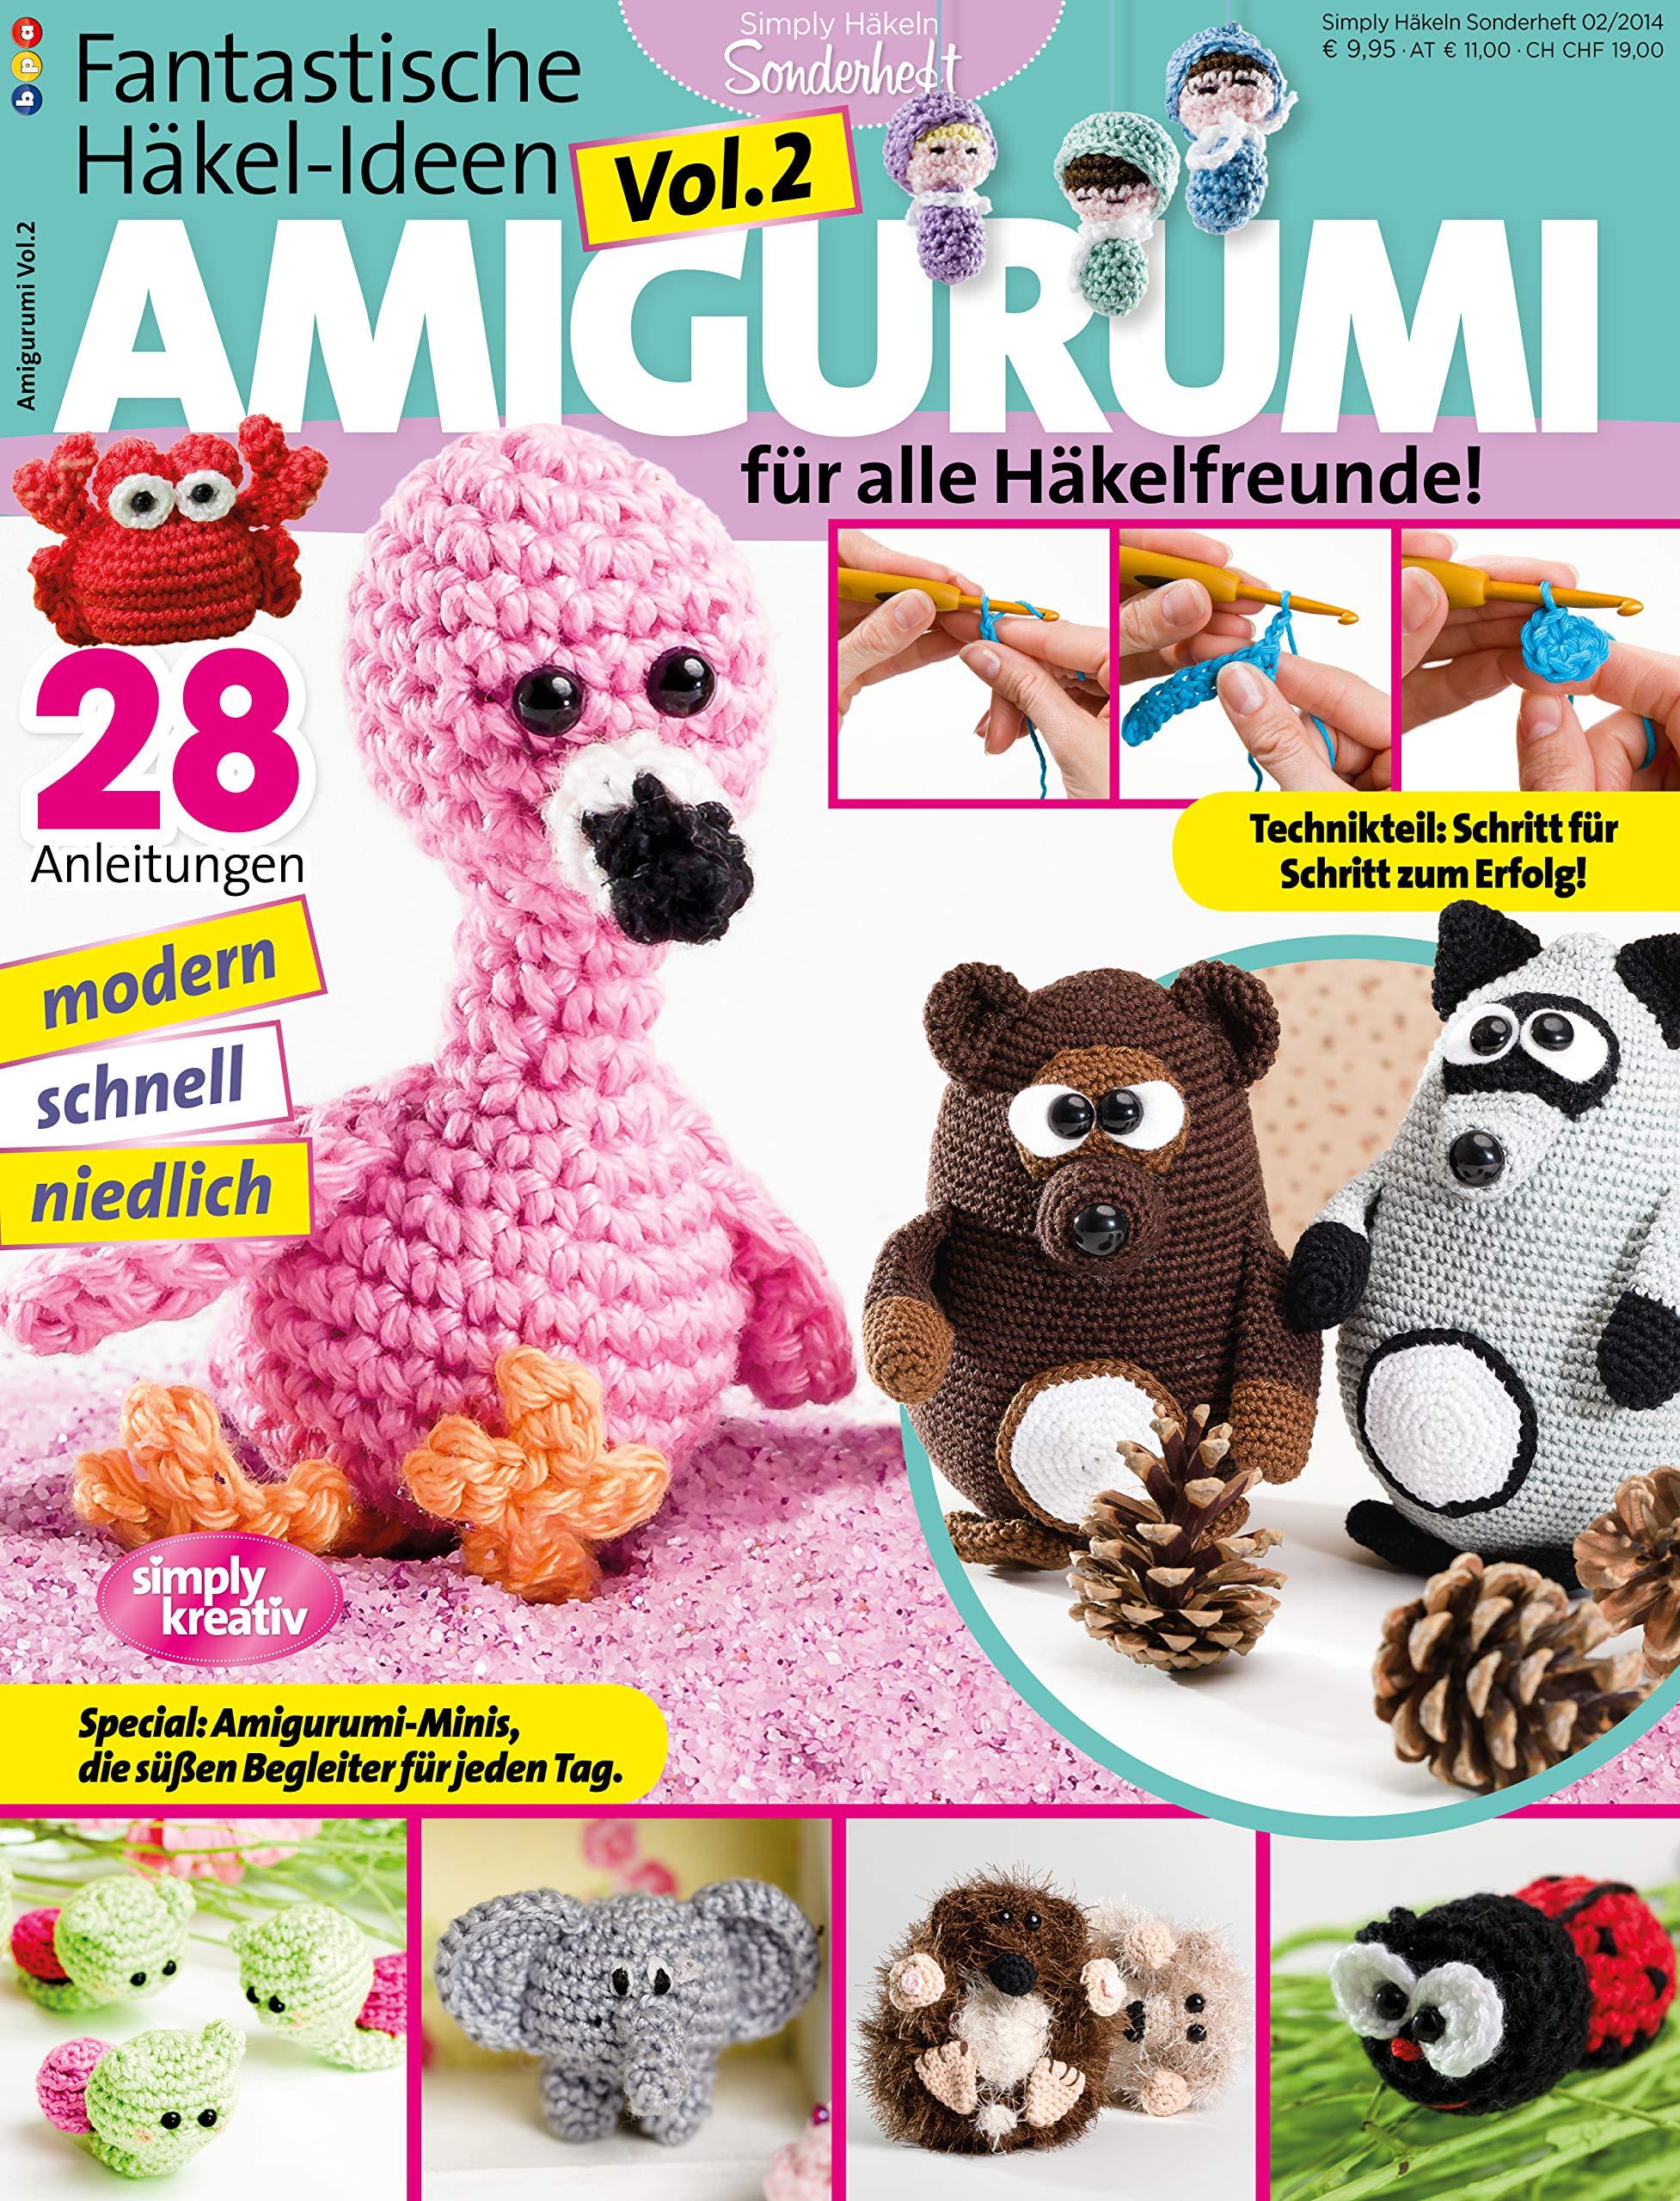 2 HEFTE AMIGURUMI Häkel-Spaß Extra Pack Nr. 2 - EUR 7,95 | PicClick DE | 2560x1954